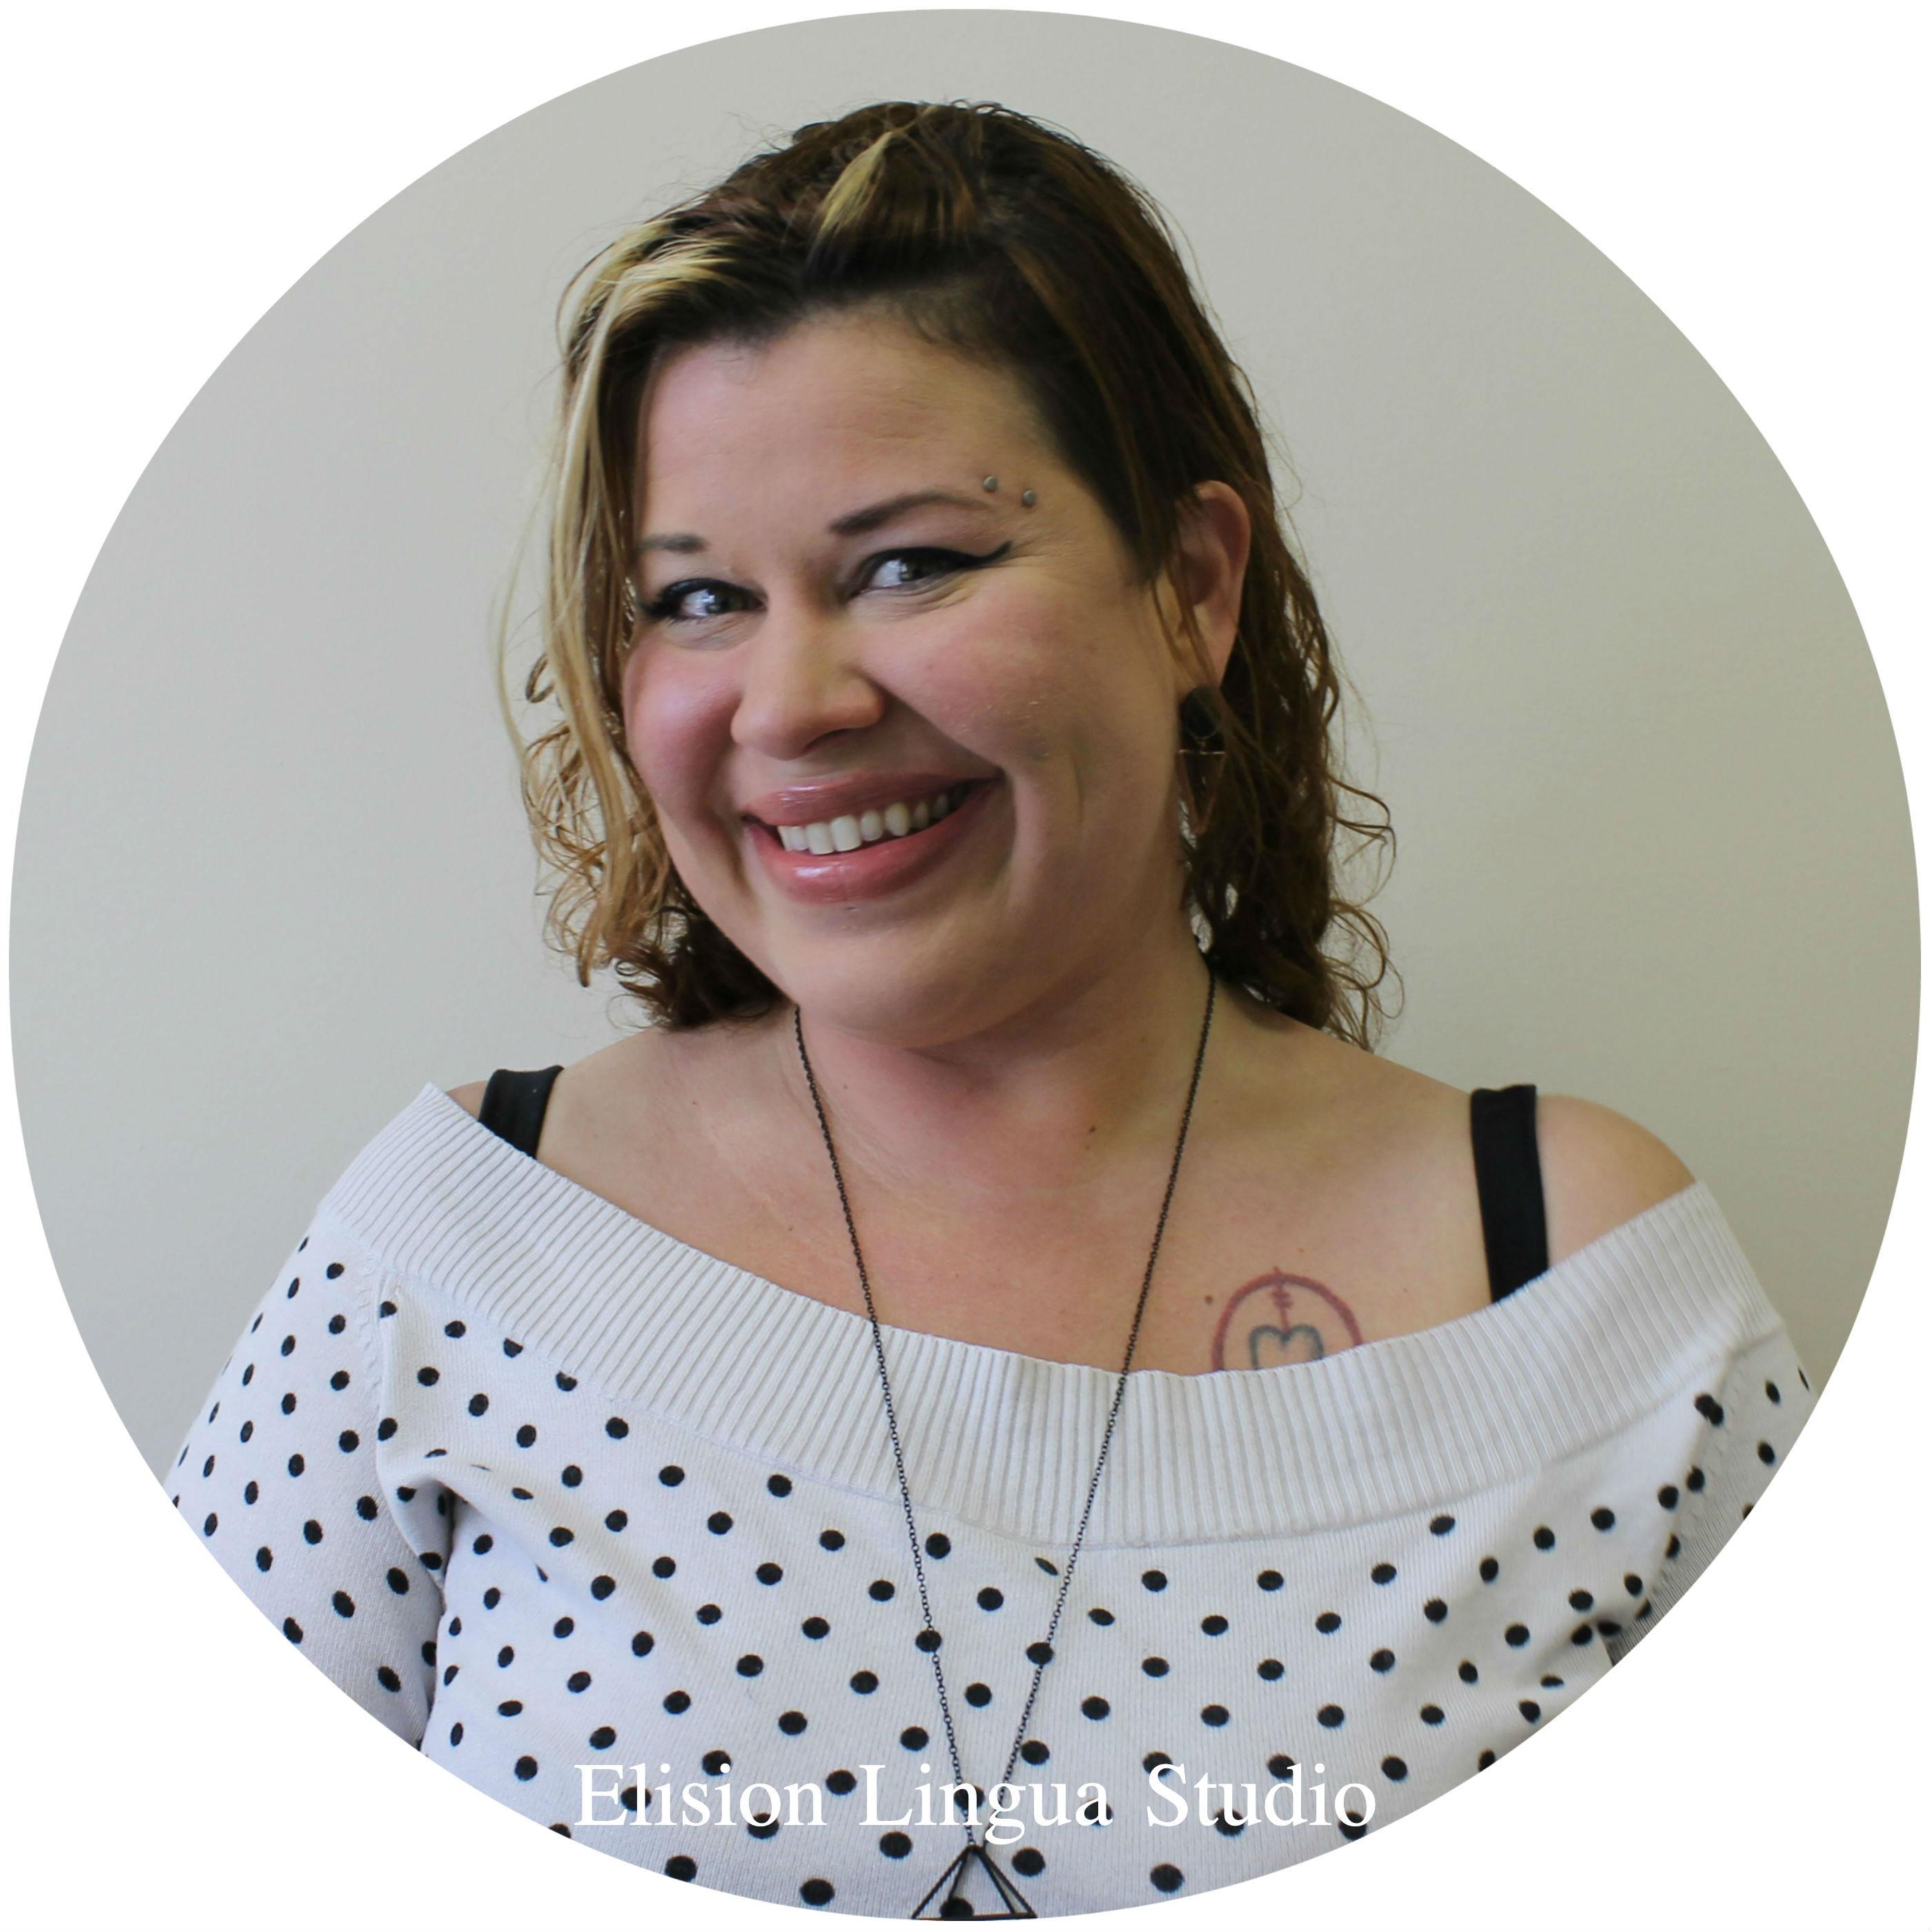 Adrienne  репетитор носитель английского языка.